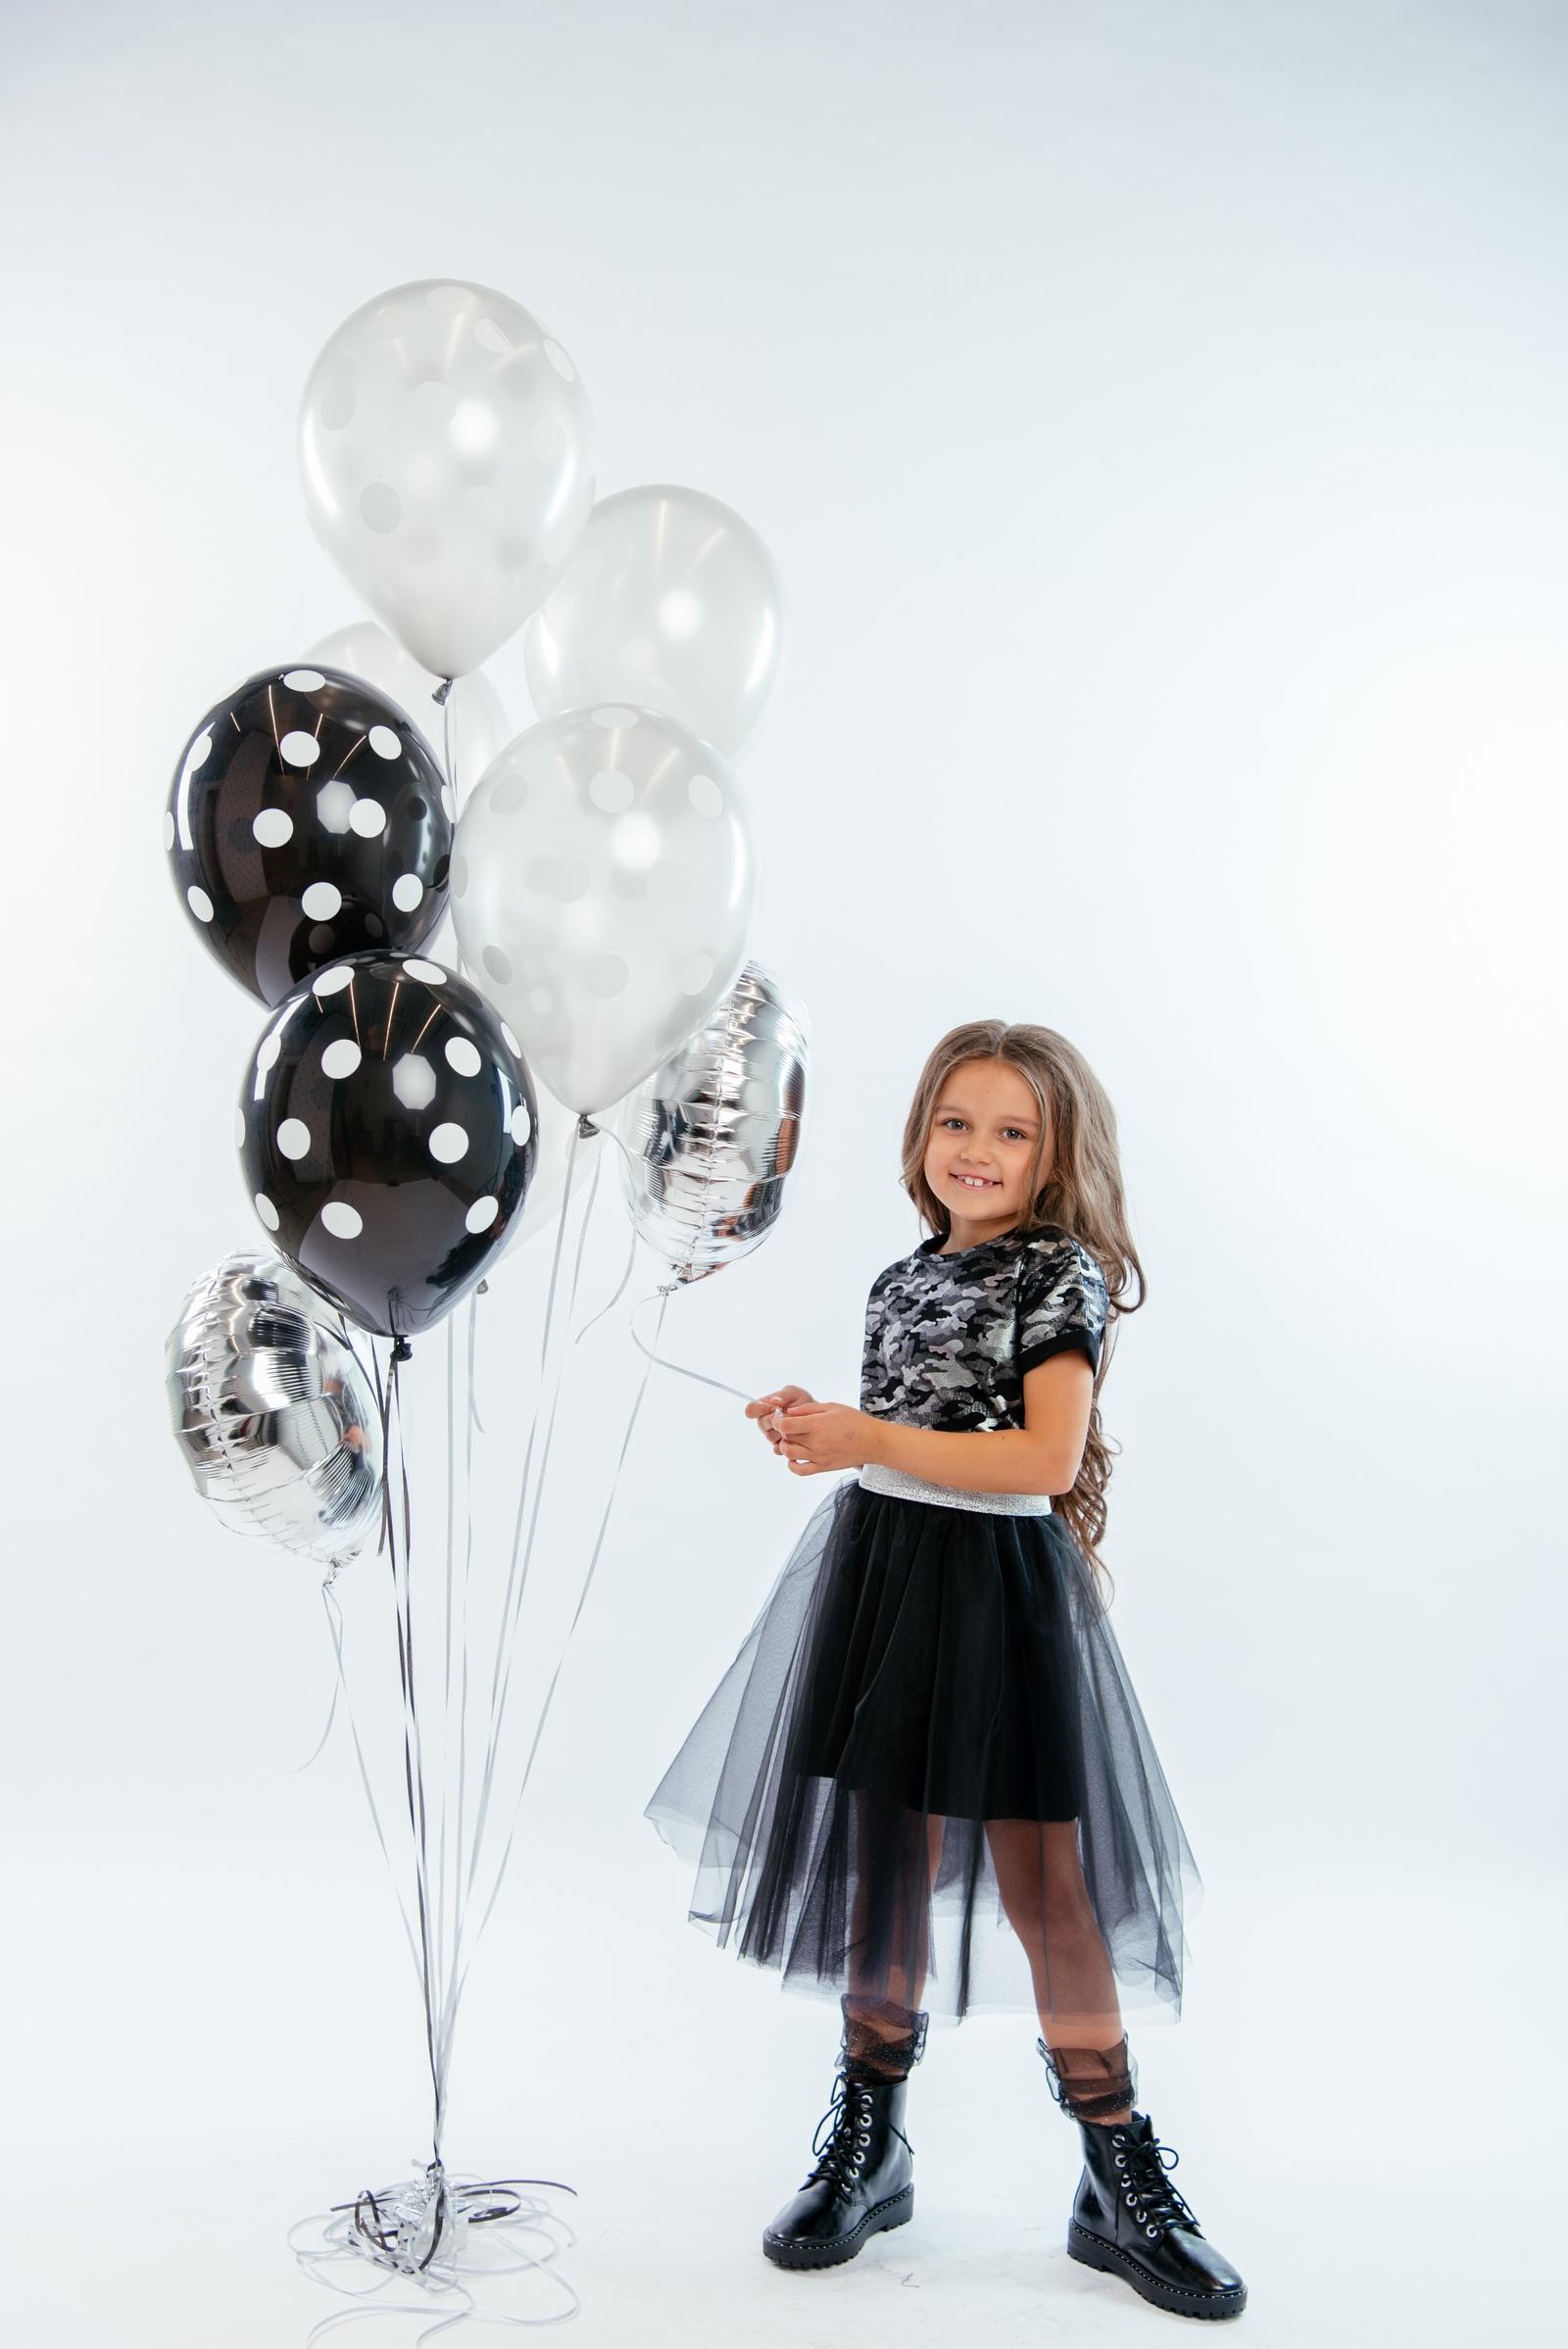 Футболка TForma/ReForma брюки для девочки sela цвет черный p 615 1069 8341 размер 152